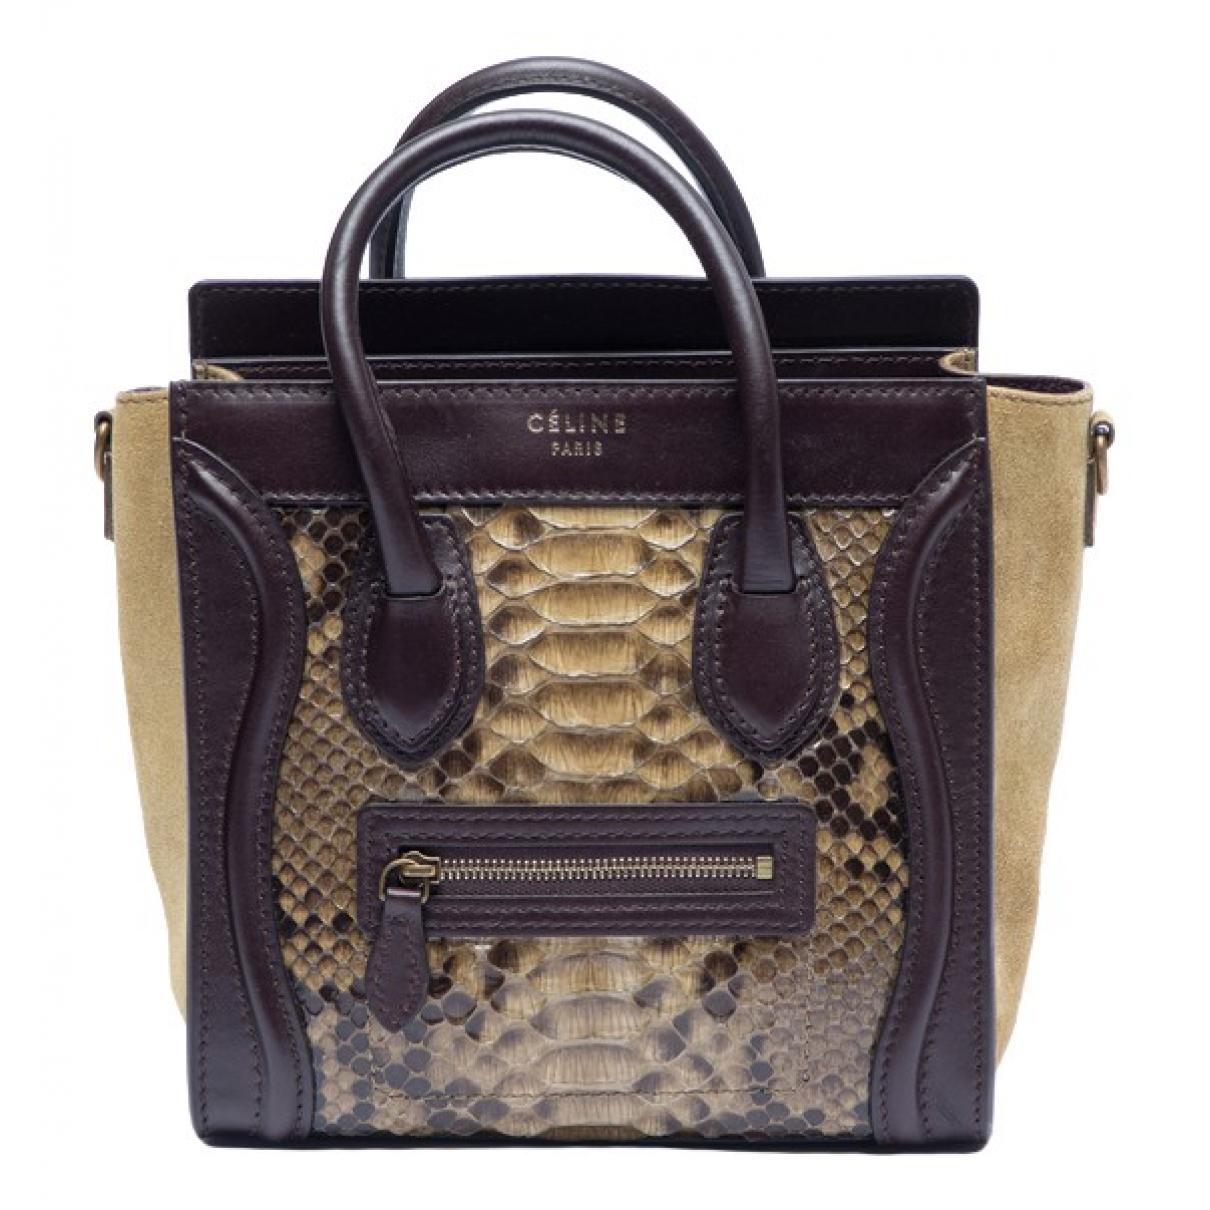 Celine - Sac a main Luggage pour femme en python - beige